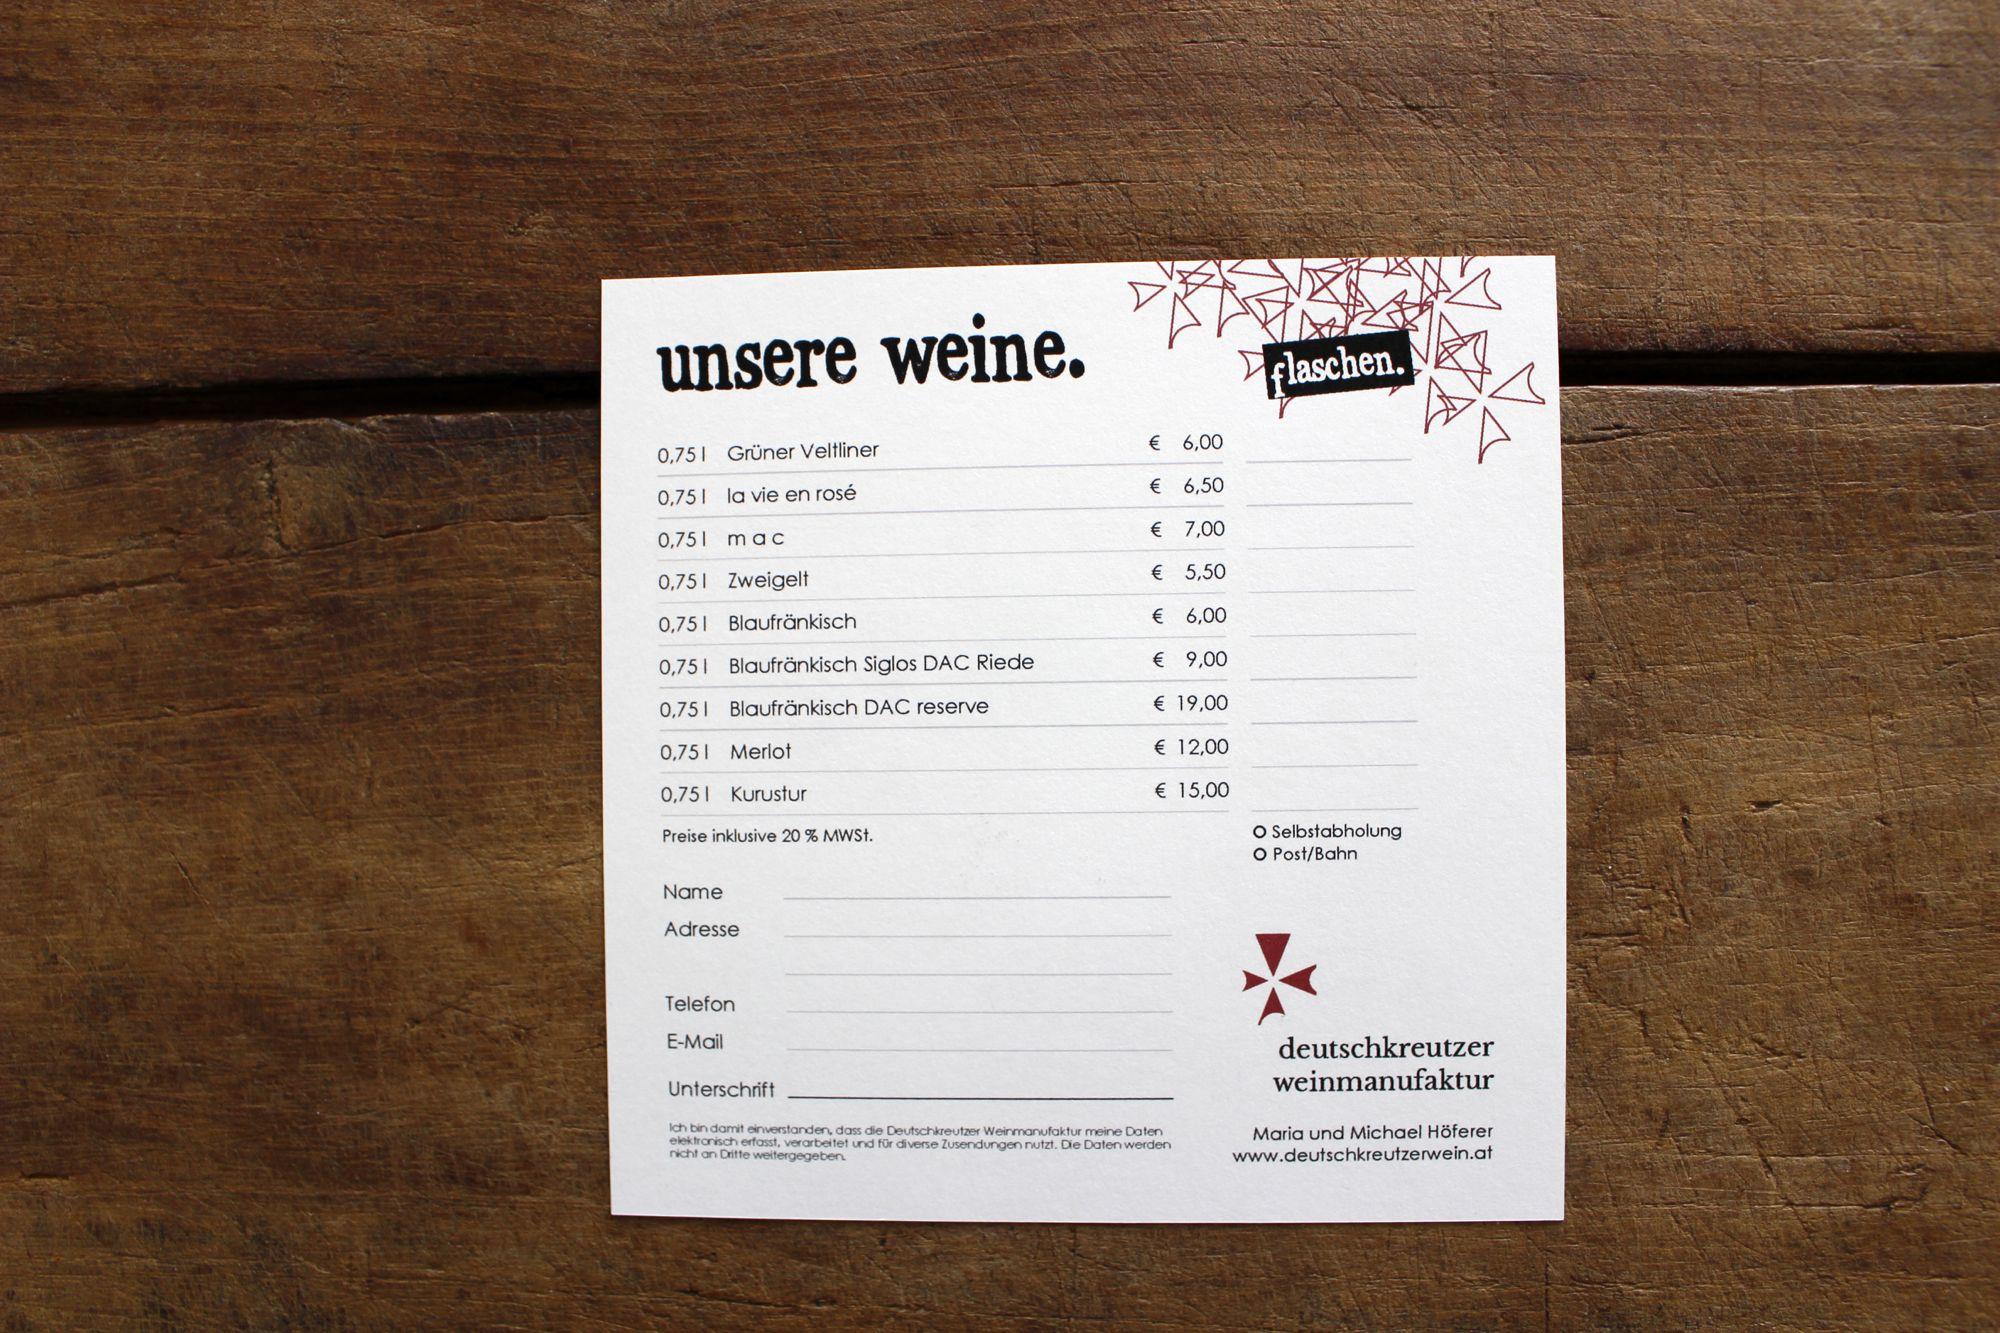 Weinpreisliste für die Deutschkreuter Weinmanufaktur